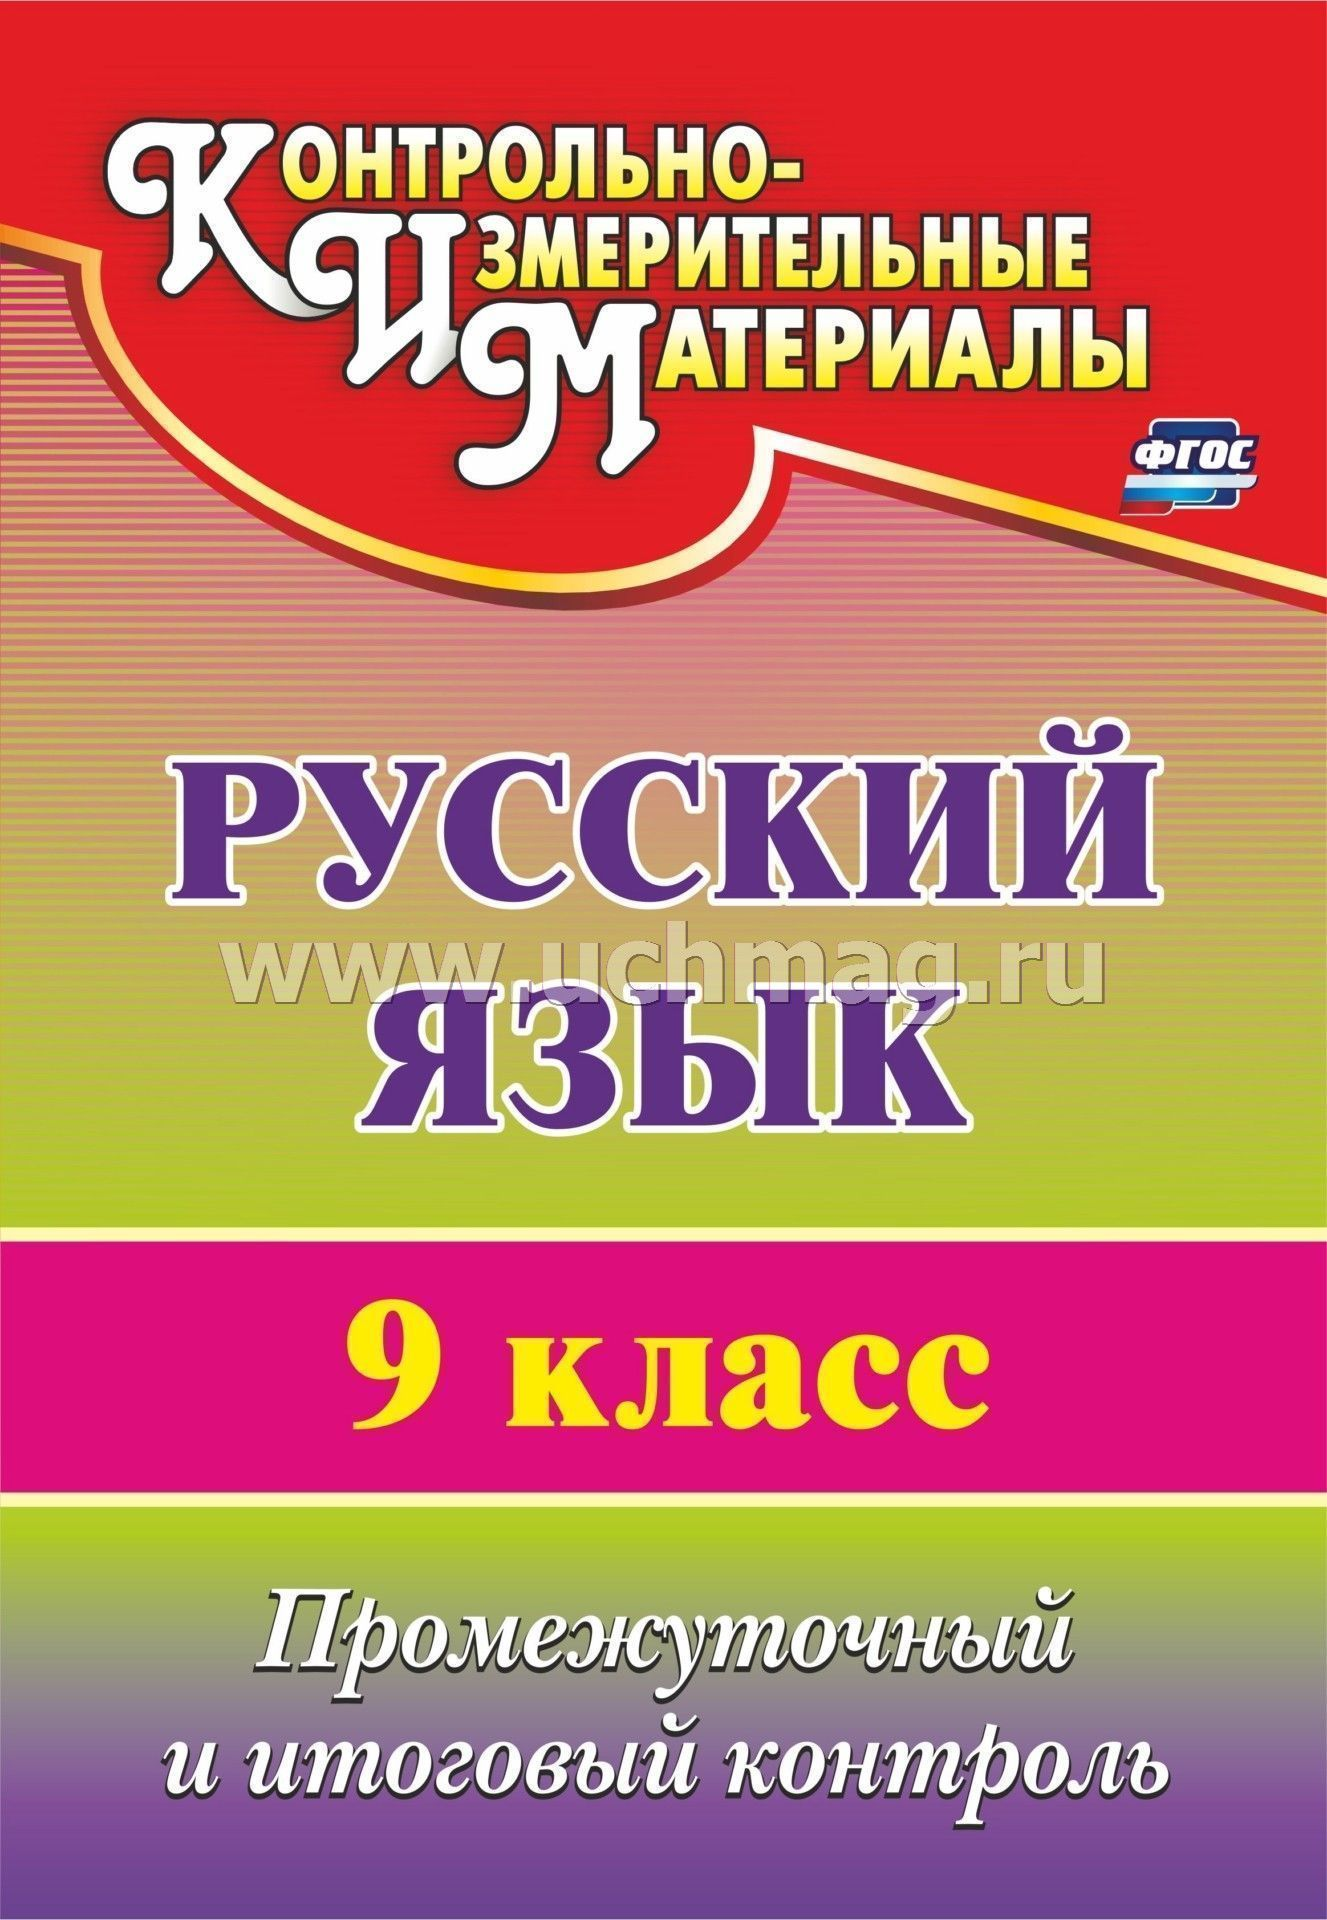 Ответы на итоговый тест по программе 8 класса русский язык